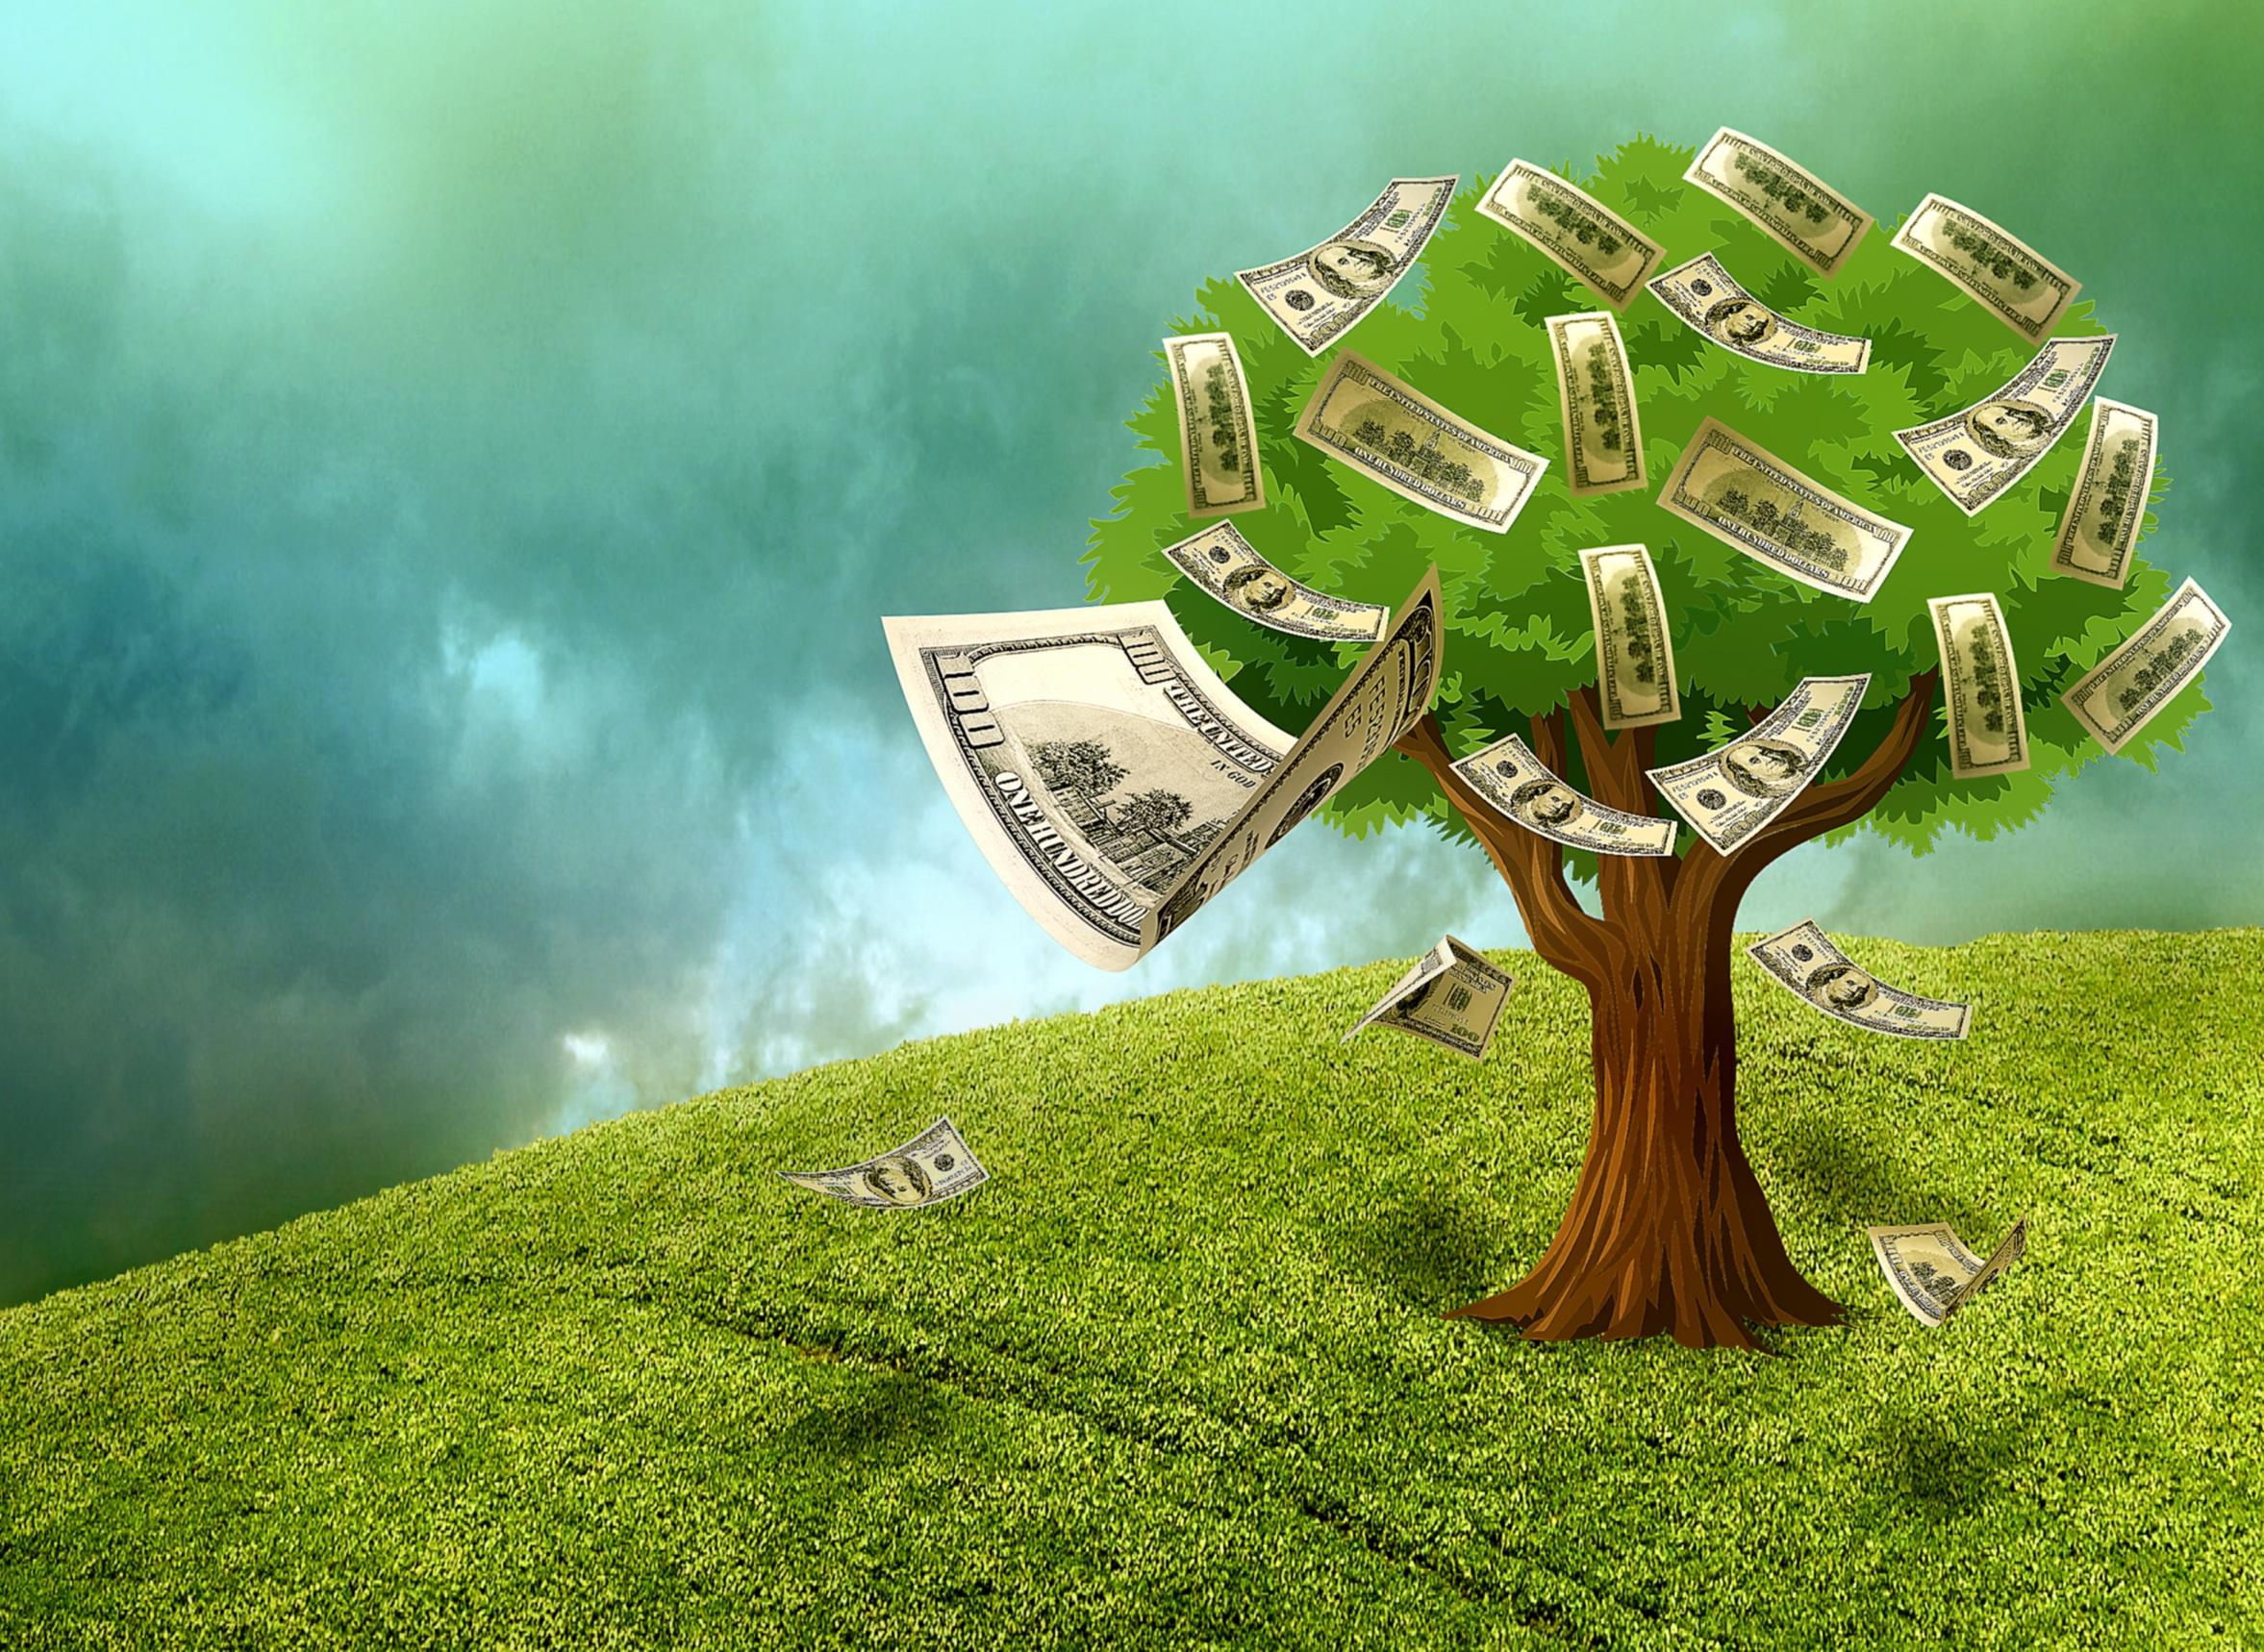 Energie Des Geldes Nach Feng Shui